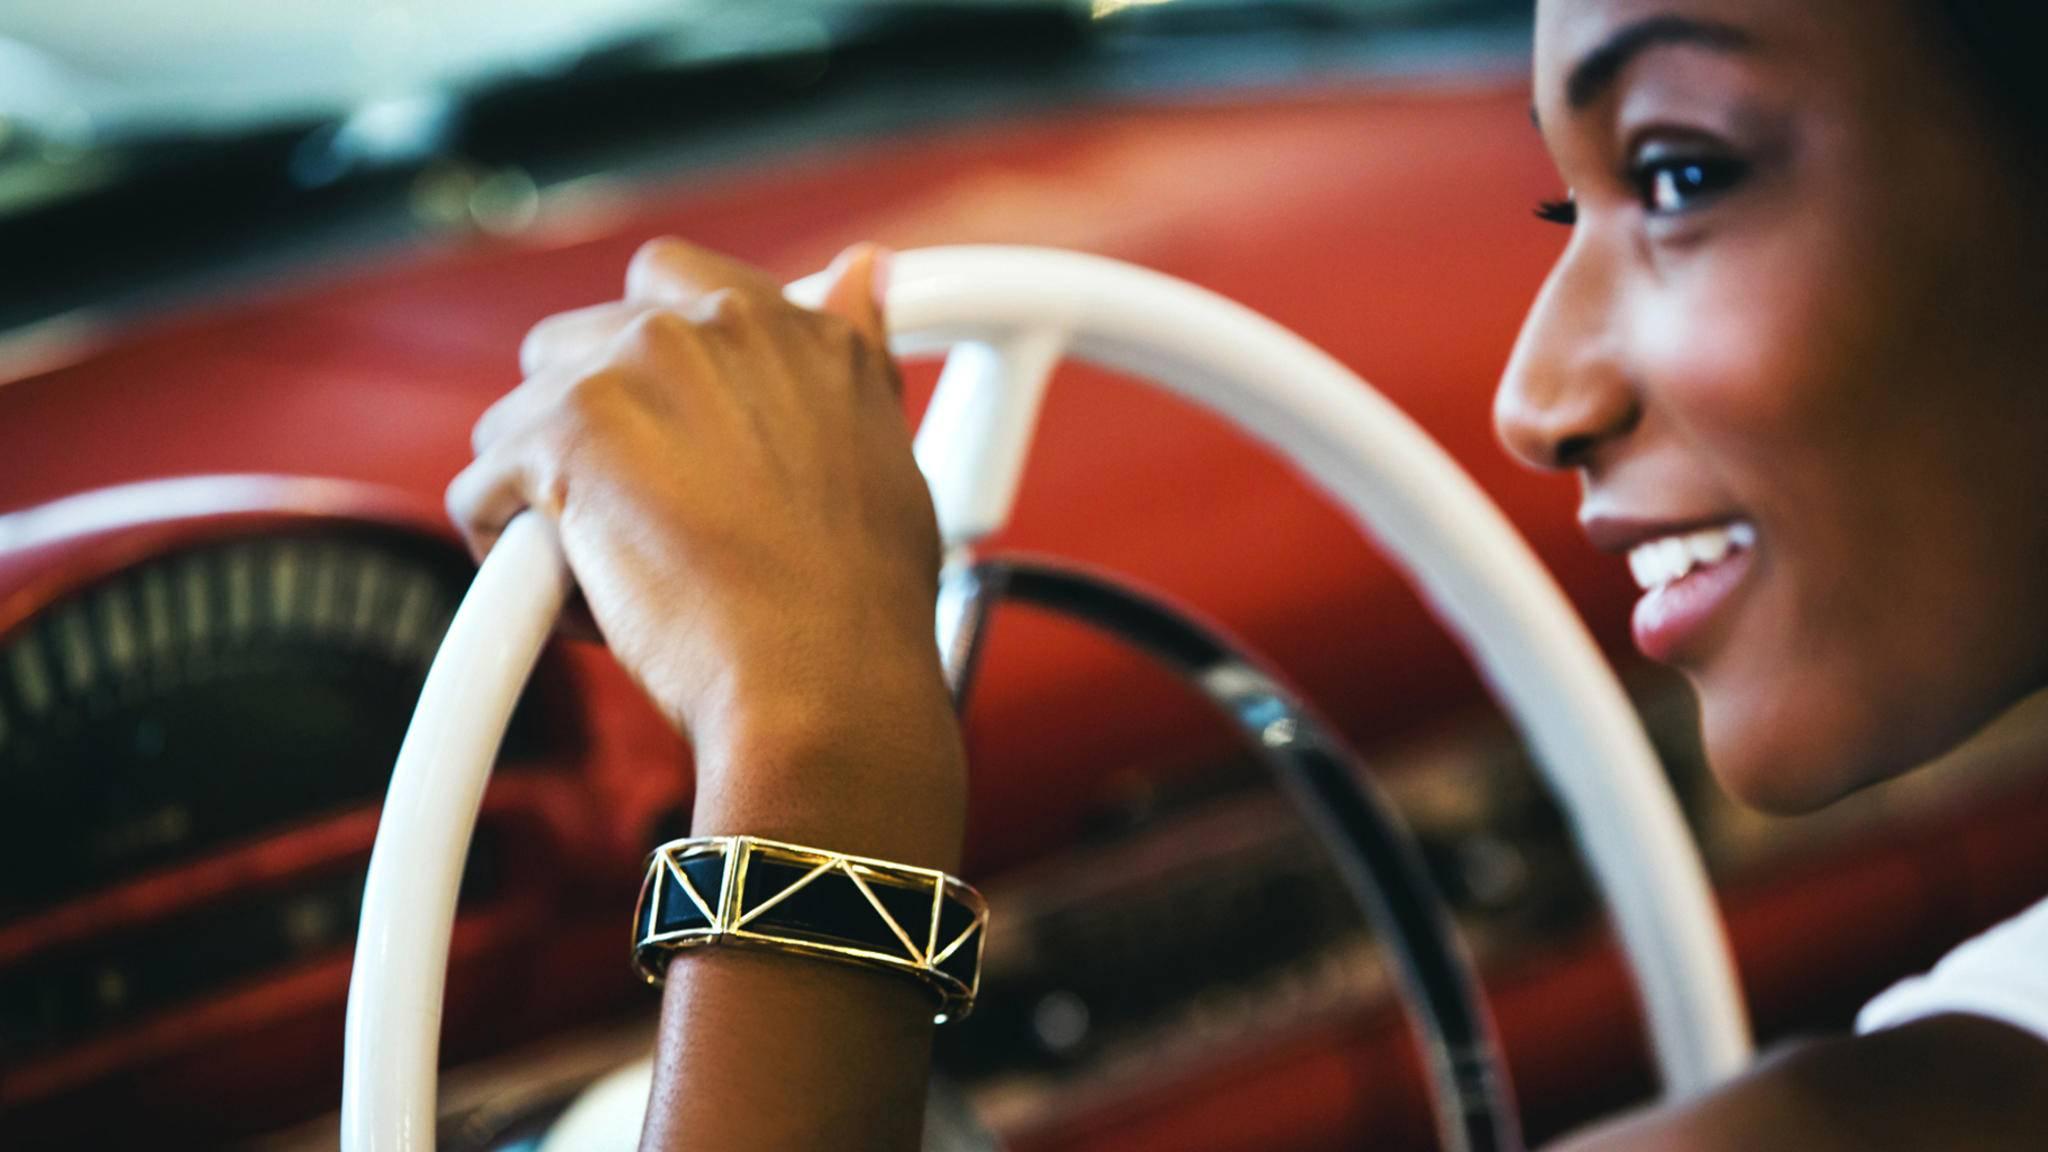 Der Bellafit-Armreifen verbirgt gekonnt den Fitness-Tracker am Handgelenk.